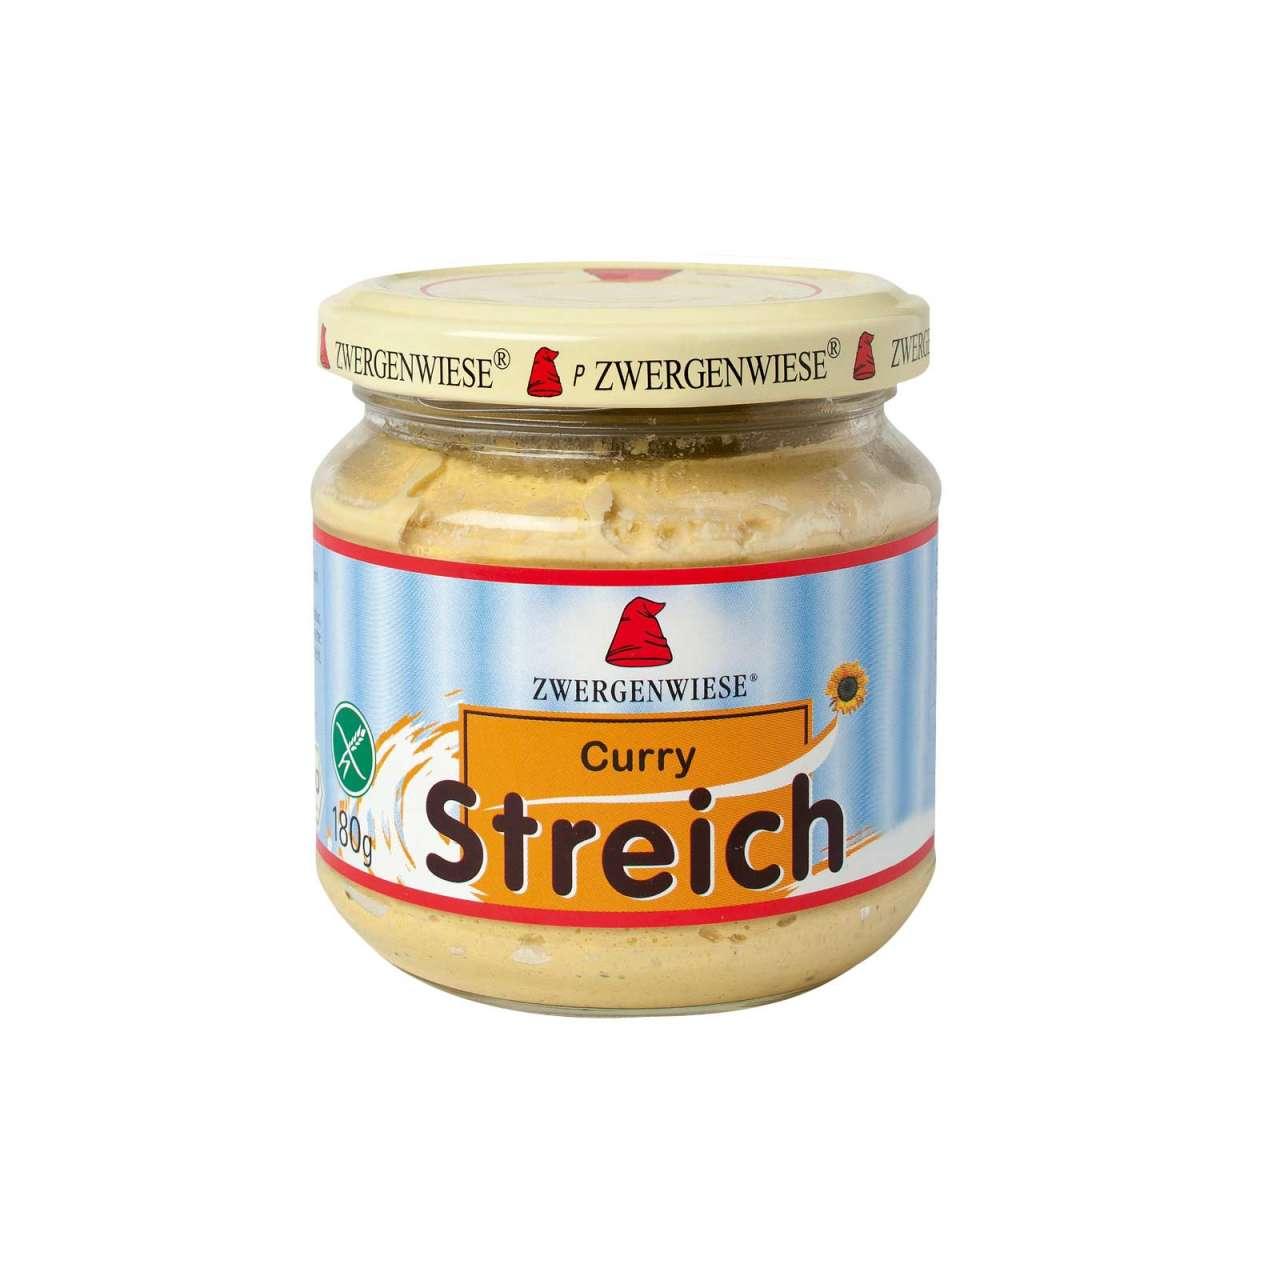 Angebotsbild für Streich Curry Aufstrich vegan von Zwergenwiese online kaufen von PureNature